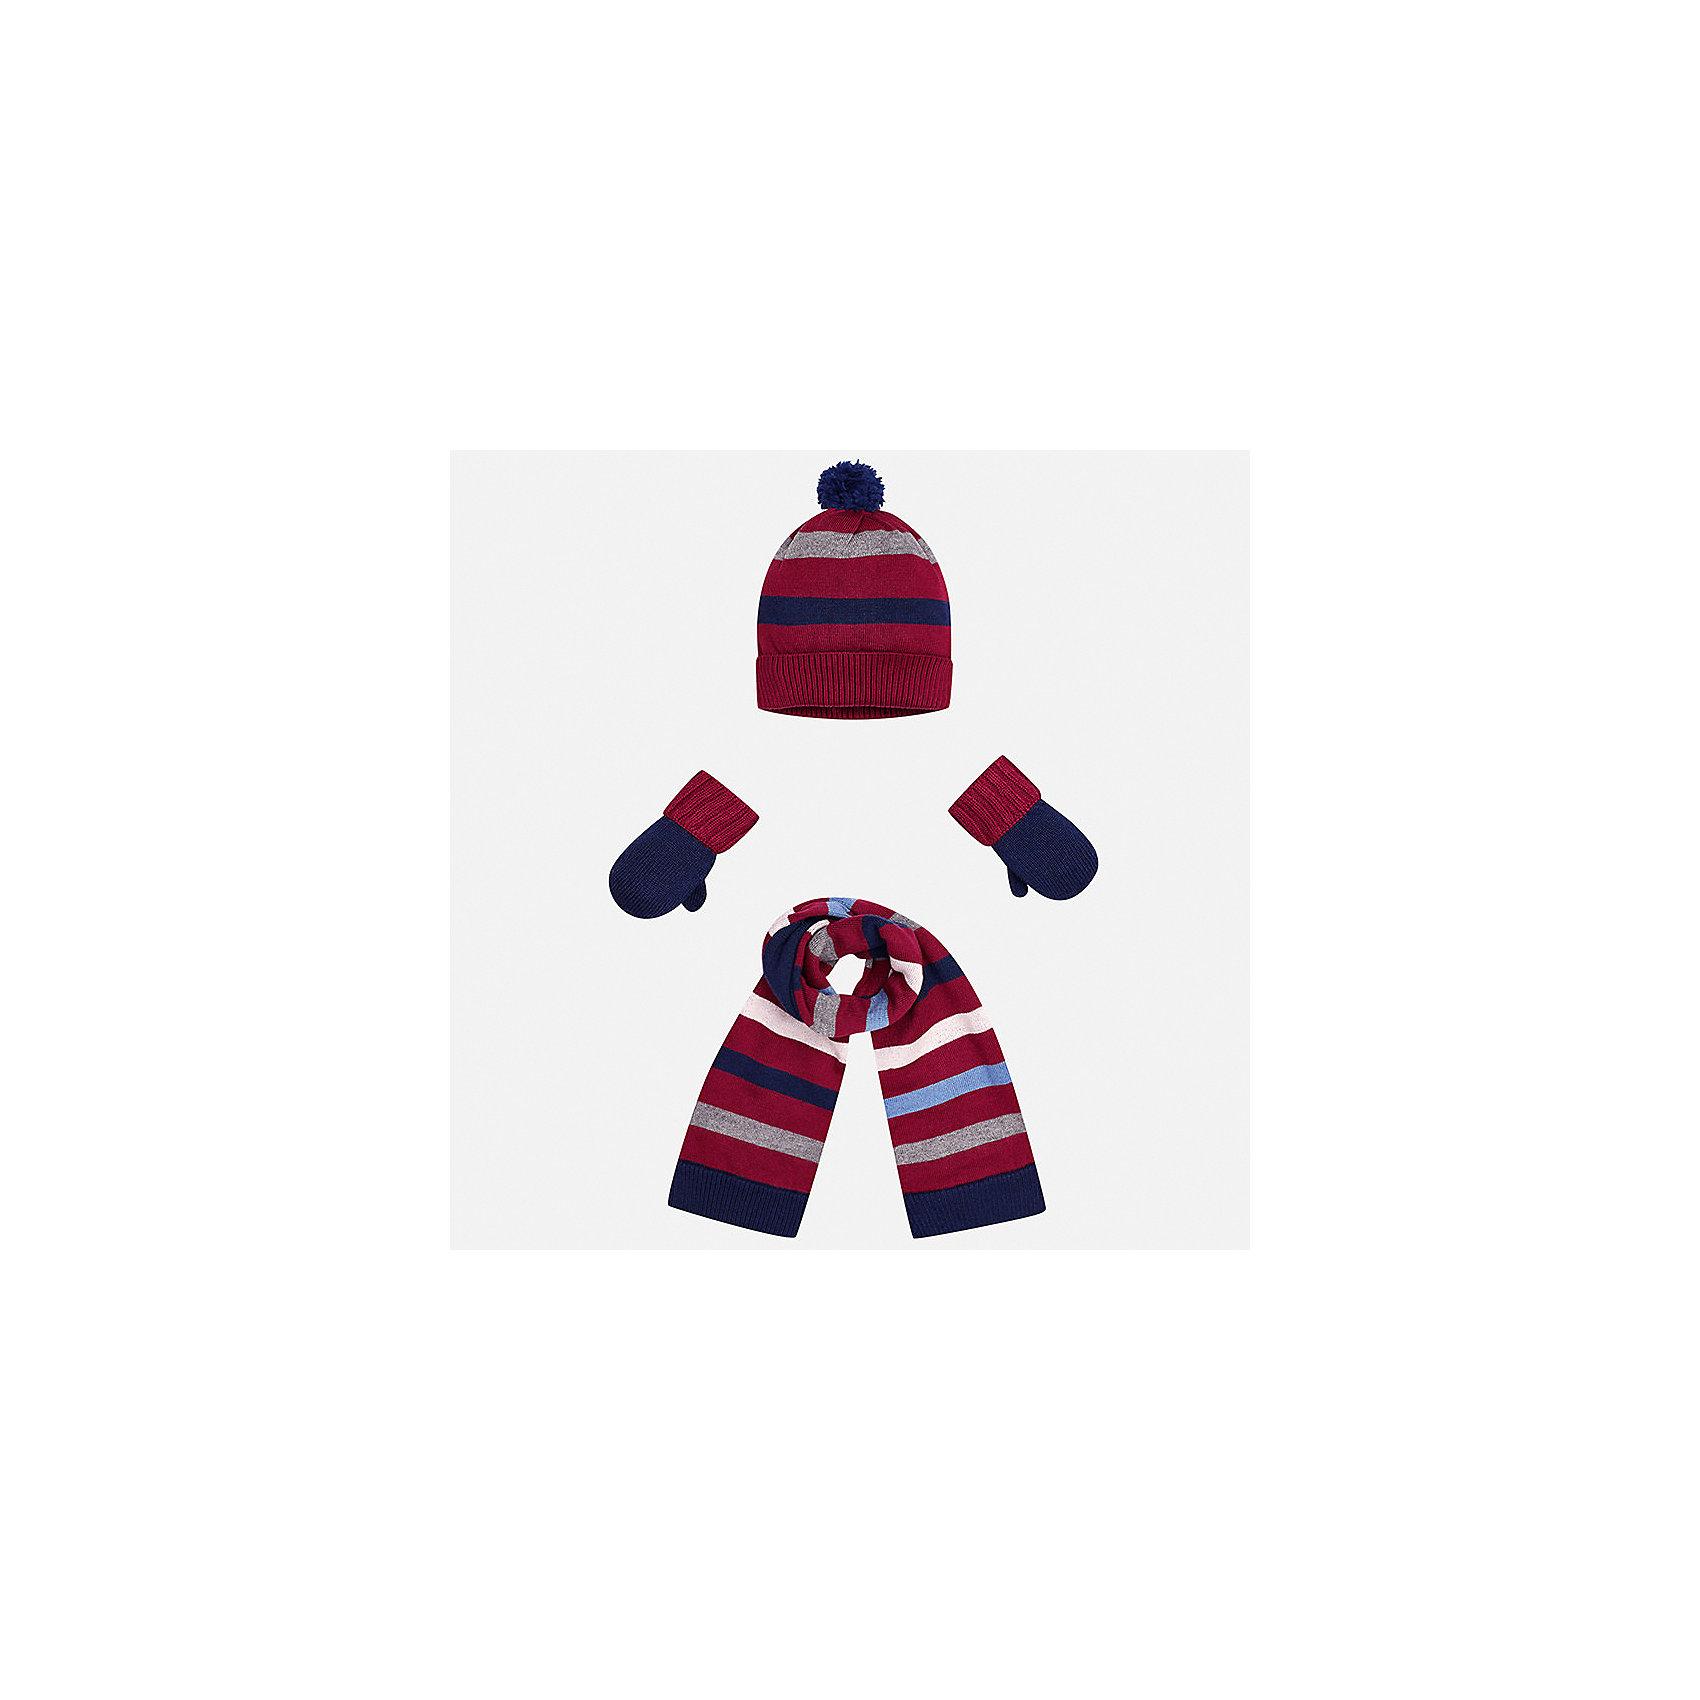 Комплект: шапка, шарф и варежки для мальчика MayoralКомплекты<br>Характеристики товара:<br><br>• цвет: красный/темно-синий<br>• состав ткани: 39% акрил, 26% вискоза, 26% полиамид, 9% ангора<br>• сезон: демисезон<br>• комплектация: шапка, шарф, варежки<br>• страна бренда: Испания<br>• страна изготовитель: Индия<br><br>Этот модный набор из шапки, варежек и шарфа поможет обеспечить ребенку тепло и комфорт. Детский демисезонный комплект от бренда Майорал смотрится модно и оригинально. Шапка, варежки и шарф от испанской компании Mayoral отличаются оригинальным и стильным дизайном. Качество продукции неизменно очень высокое.<br><br>Комплект: шапка, шарф и варежки для мальчика Mayoral (Майорал) можно купить в нашем интернет-магазине.<br><br>Ширина мм: 89<br>Глубина мм: 117<br>Высота мм: 44<br>Вес г: 155<br>Цвет: синий/красный<br>Возраст от месяцев: 12<br>Возраст до месяцев: 18<br>Пол: Мужской<br>Возраст: Детский<br>Размер: one size<br>SKU: 6939078